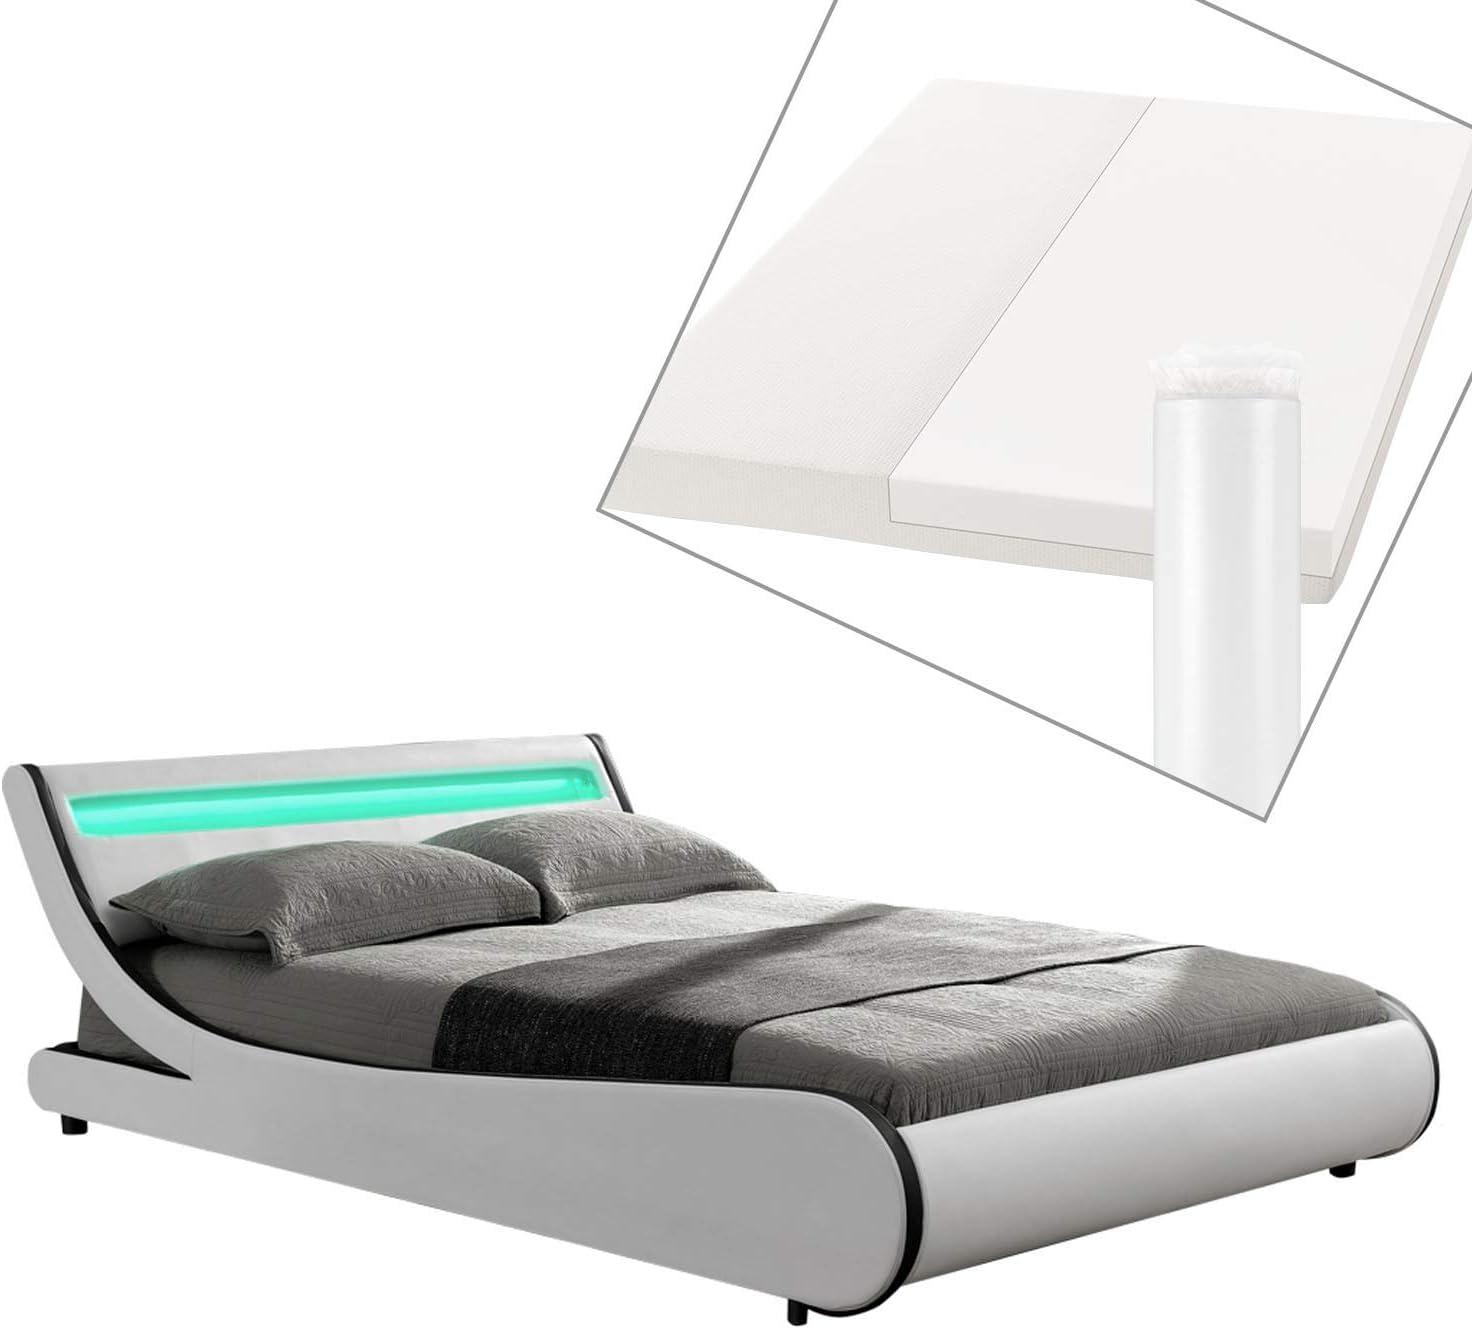 ArtLife Valencia - Cama tapizada (140 x 200 cm, con colchón de Espuma fría), Color Blanco